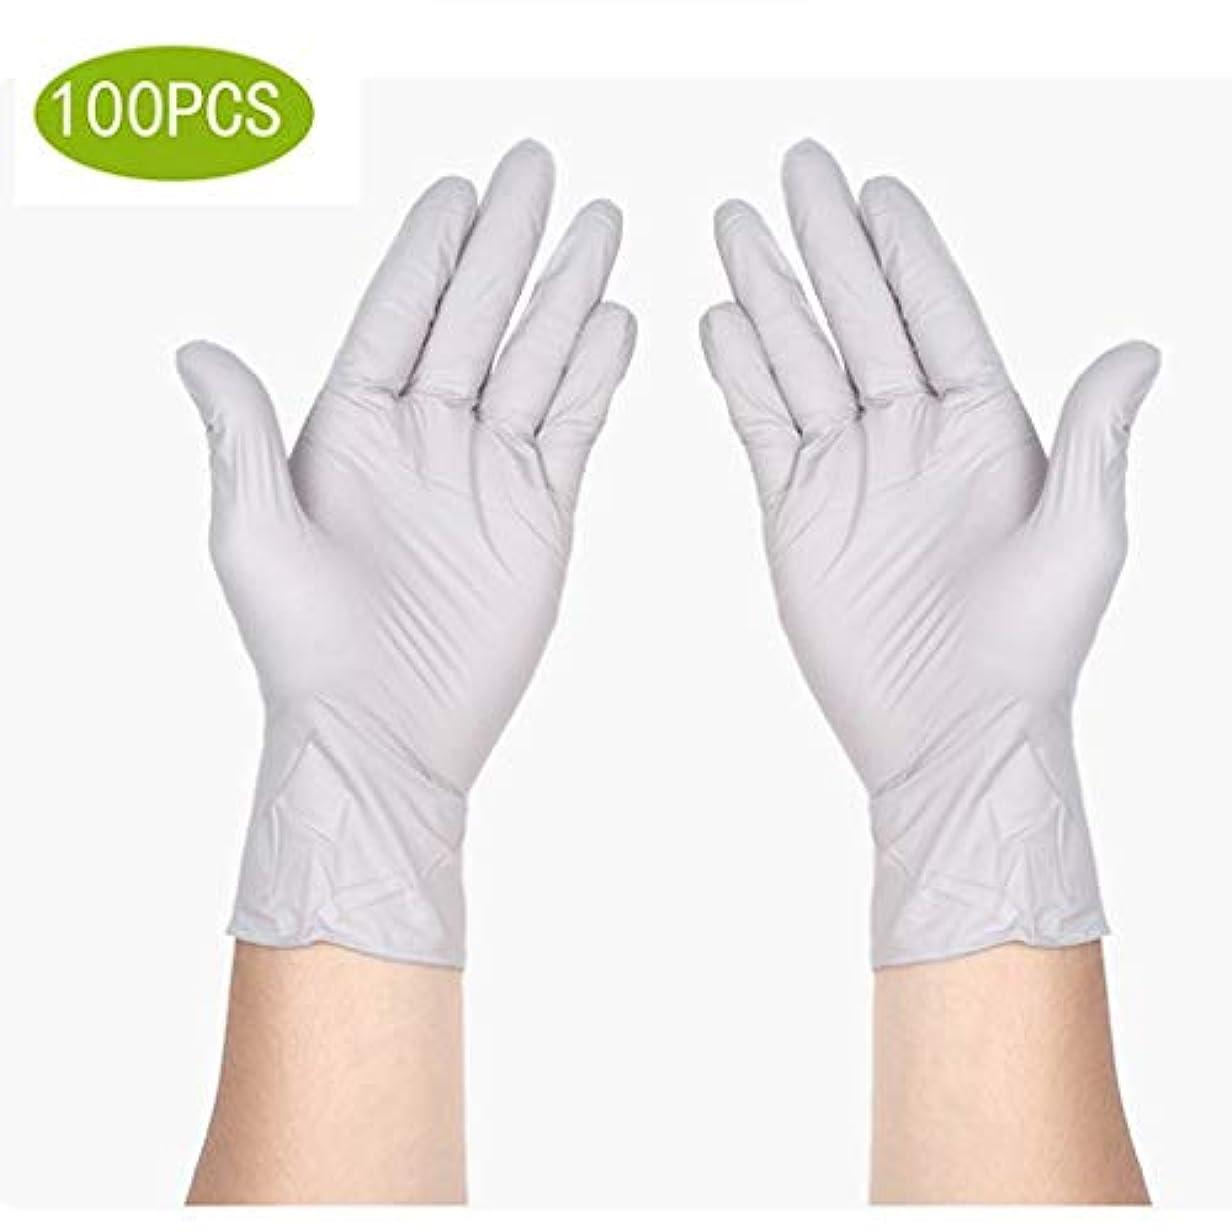 プランテーション才能インテリアサニタリー手袋ニトリル医療グレード試験用手袋、使い捨て、ラテックスフリー、100カウント滅菌使い捨て安全手袋 (Size : L)